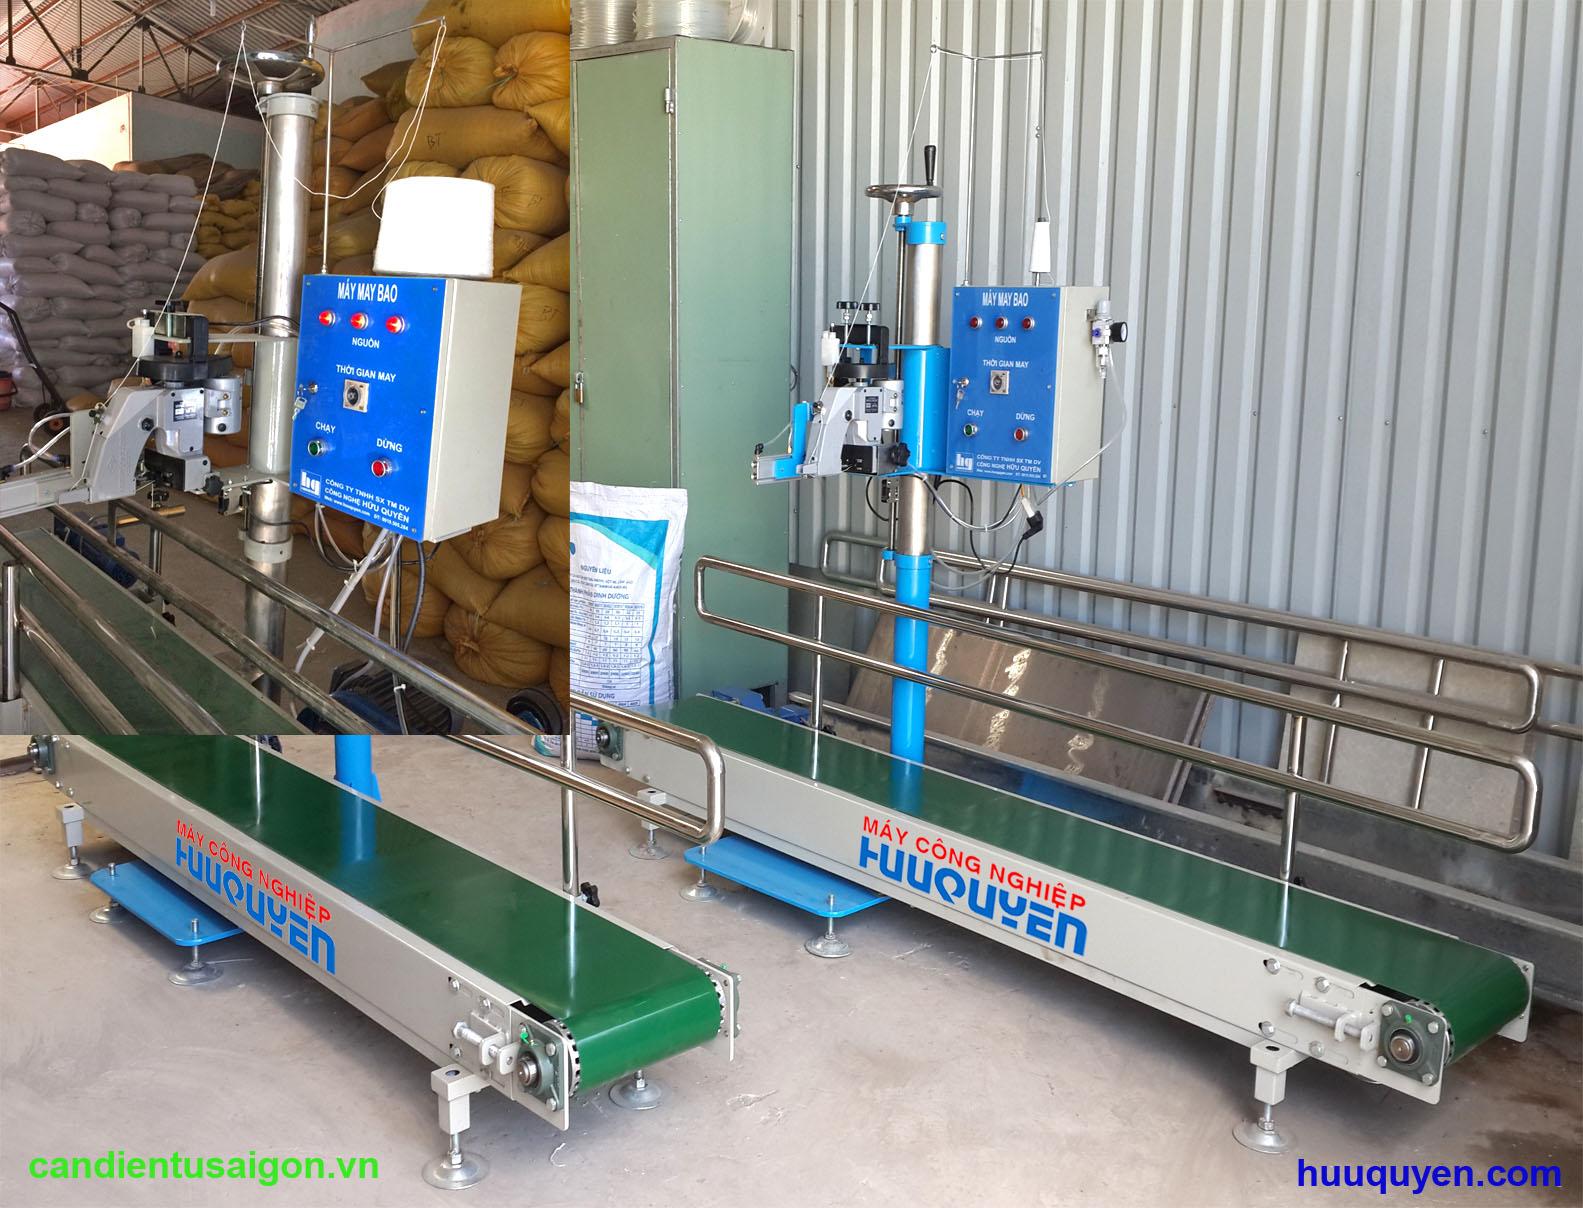 Băng tải may bao, trụ đỡ tủ điện điều khiển tự động dùng cho máy khâu miệng bao phân bón xơ dừa lúa gạo